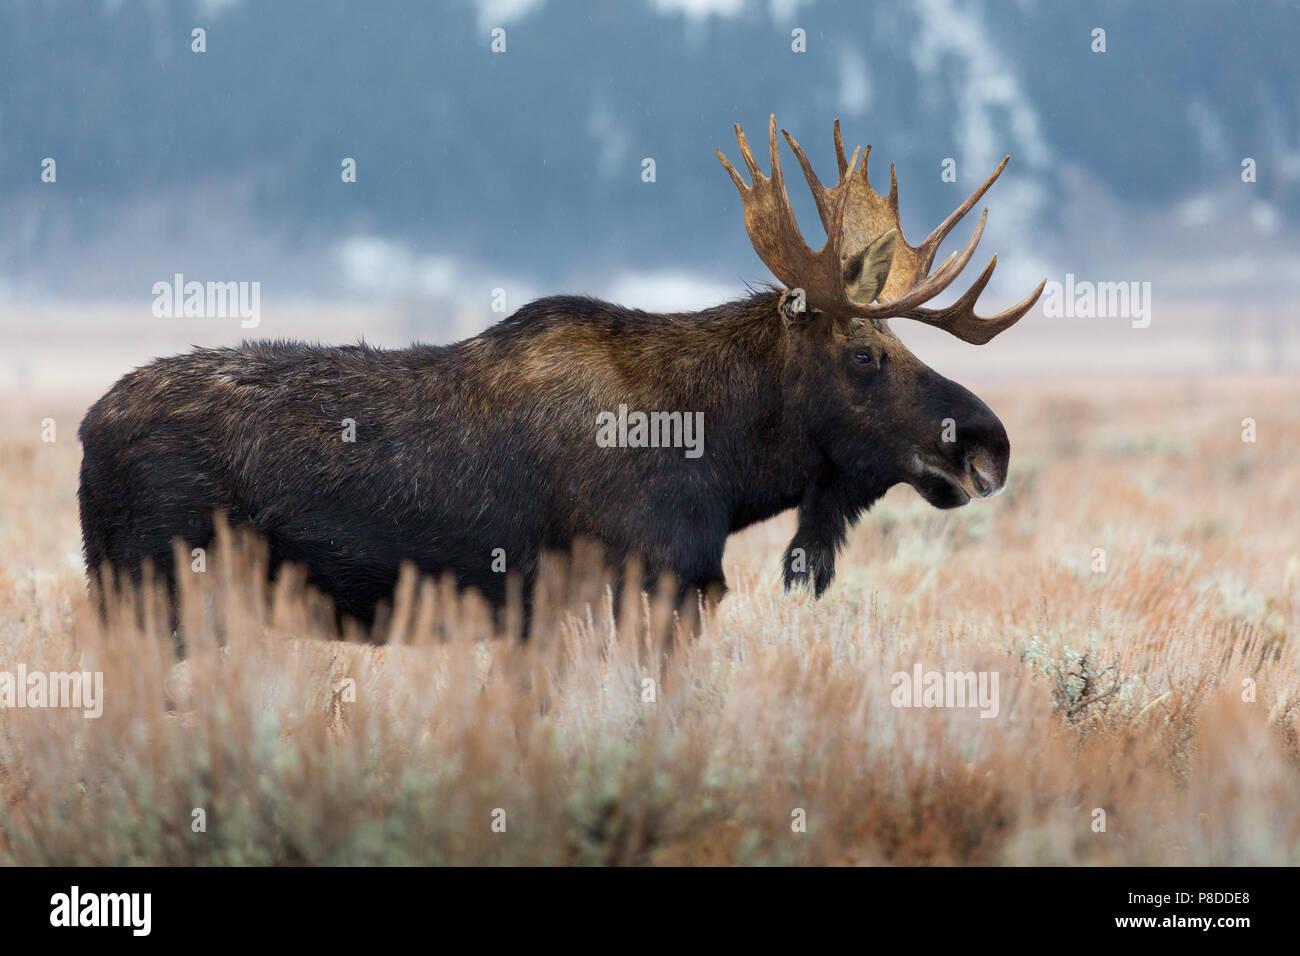 Un toro moose en pie en artemisa como el invierno empieza a establecer. Parque nacional Grand Teton, Wyoming Foto de stock